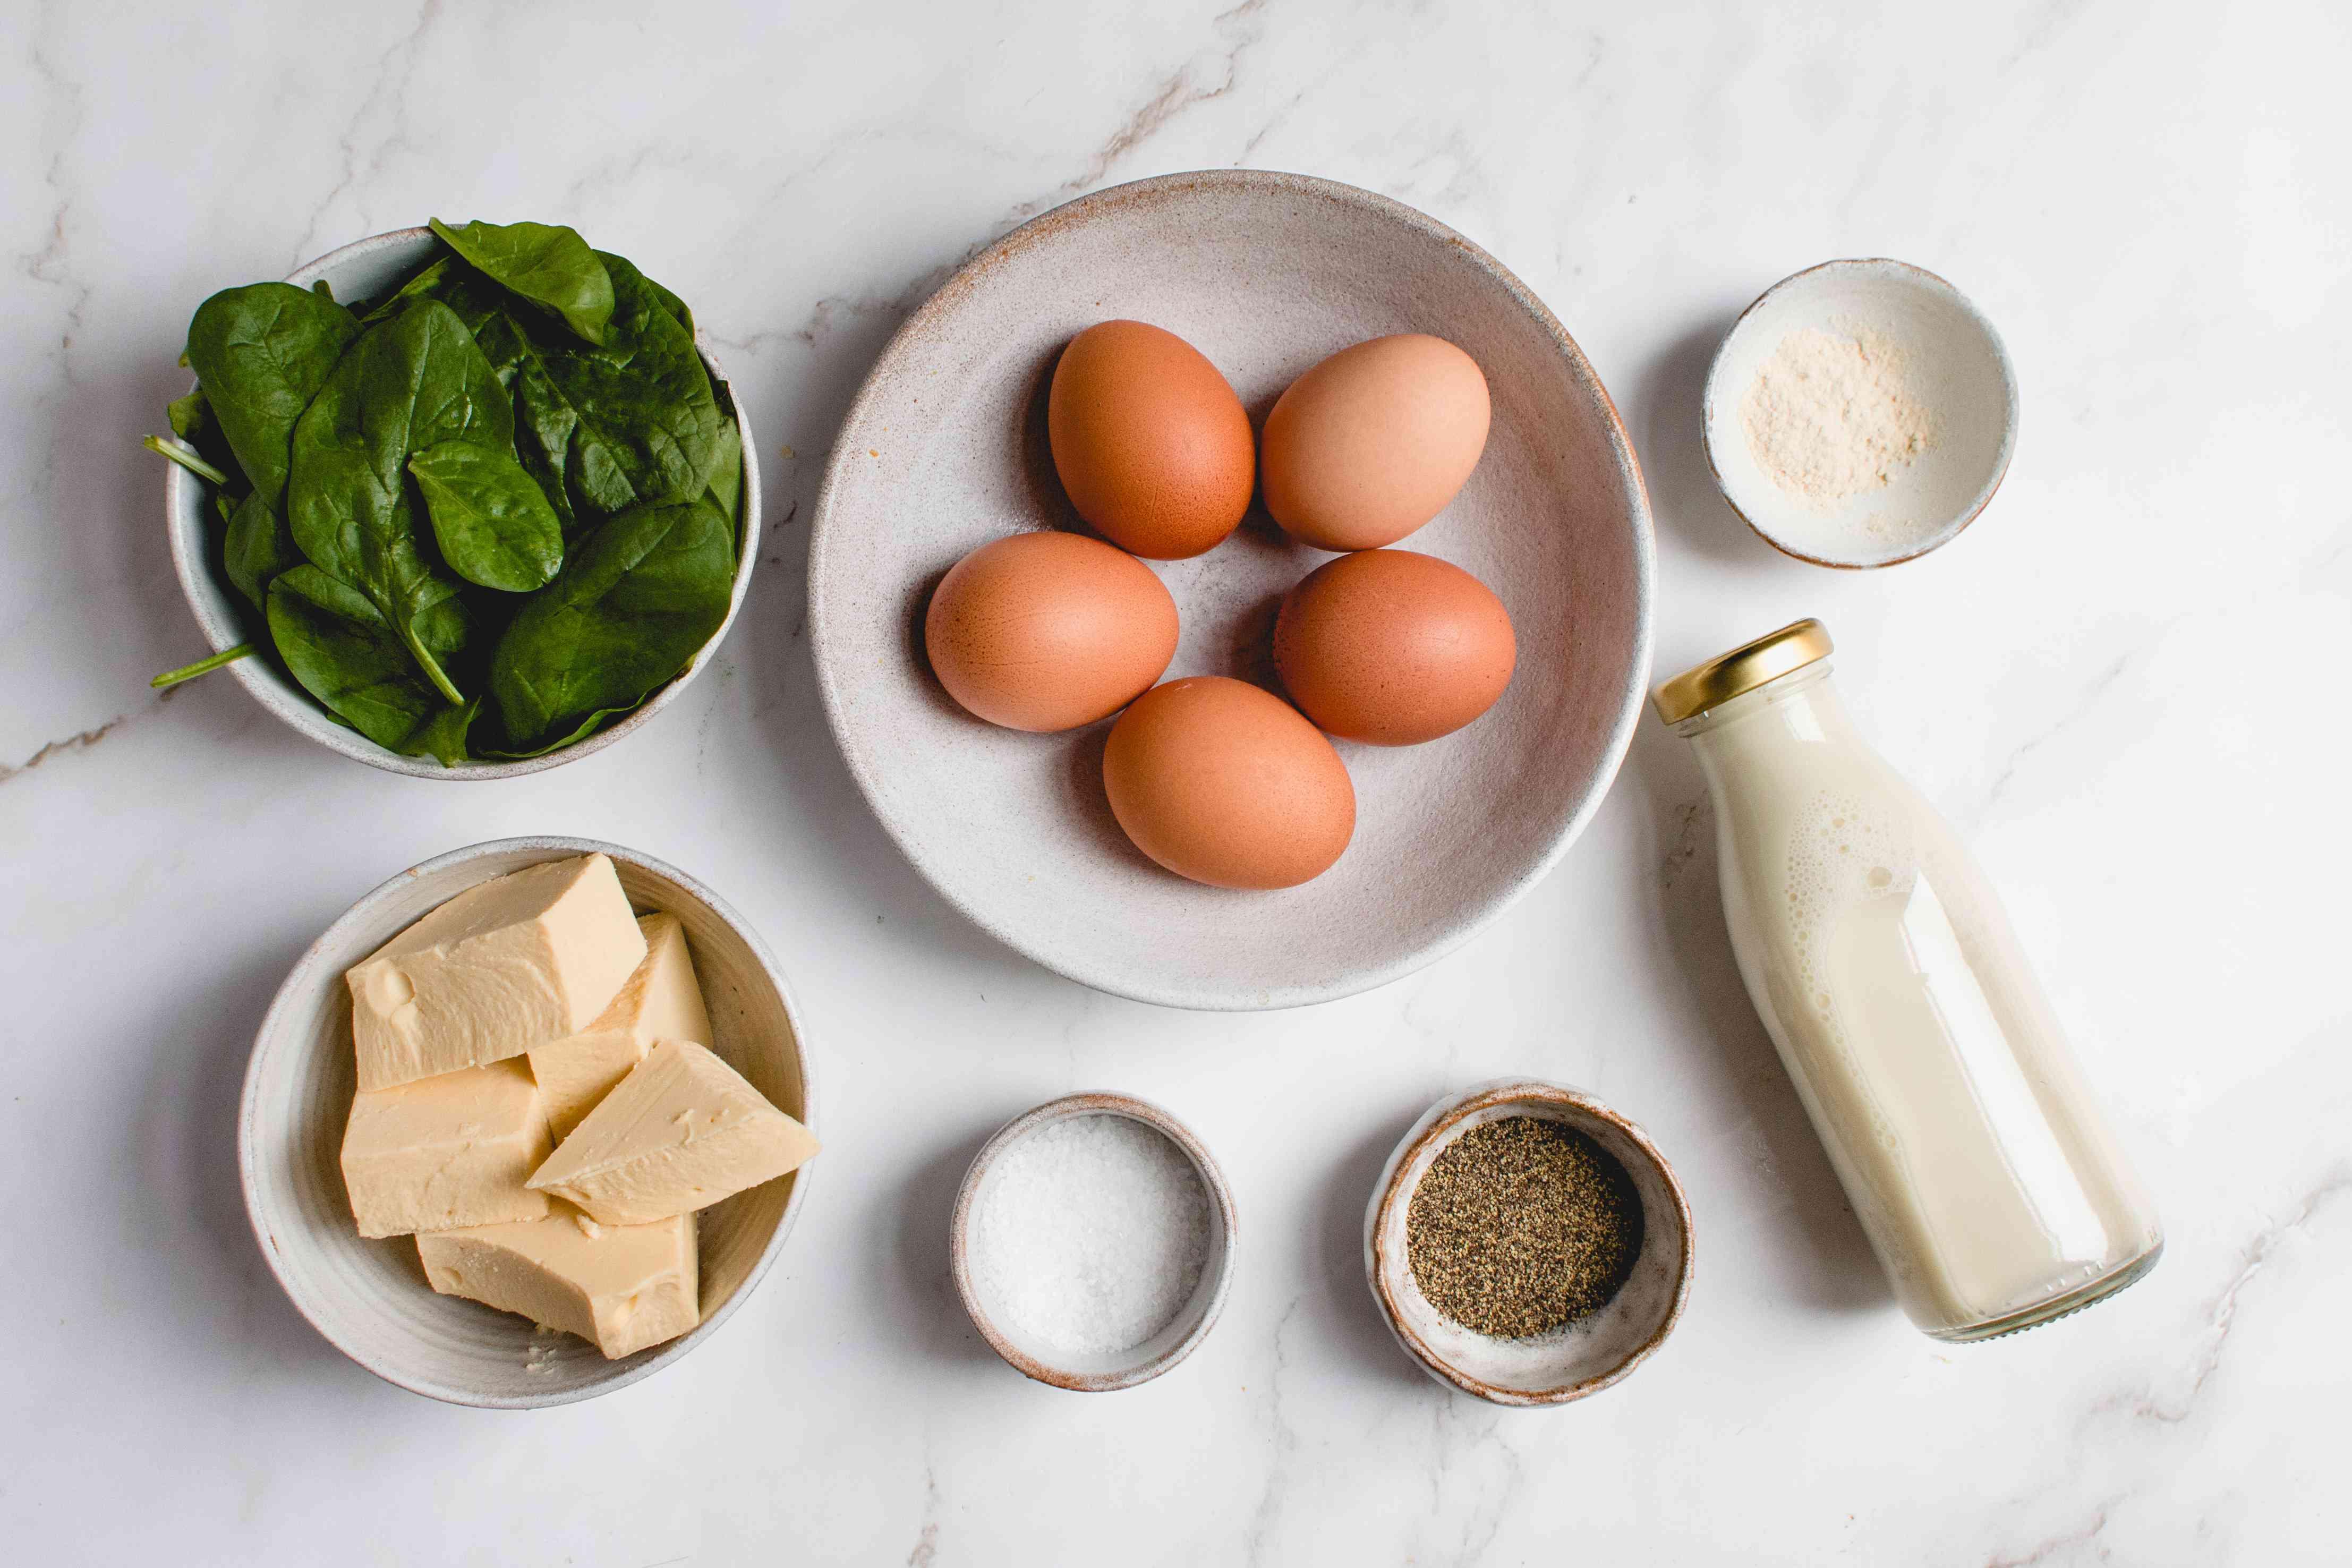 Dairy-Free Crustless Spinach Quiche ingredients